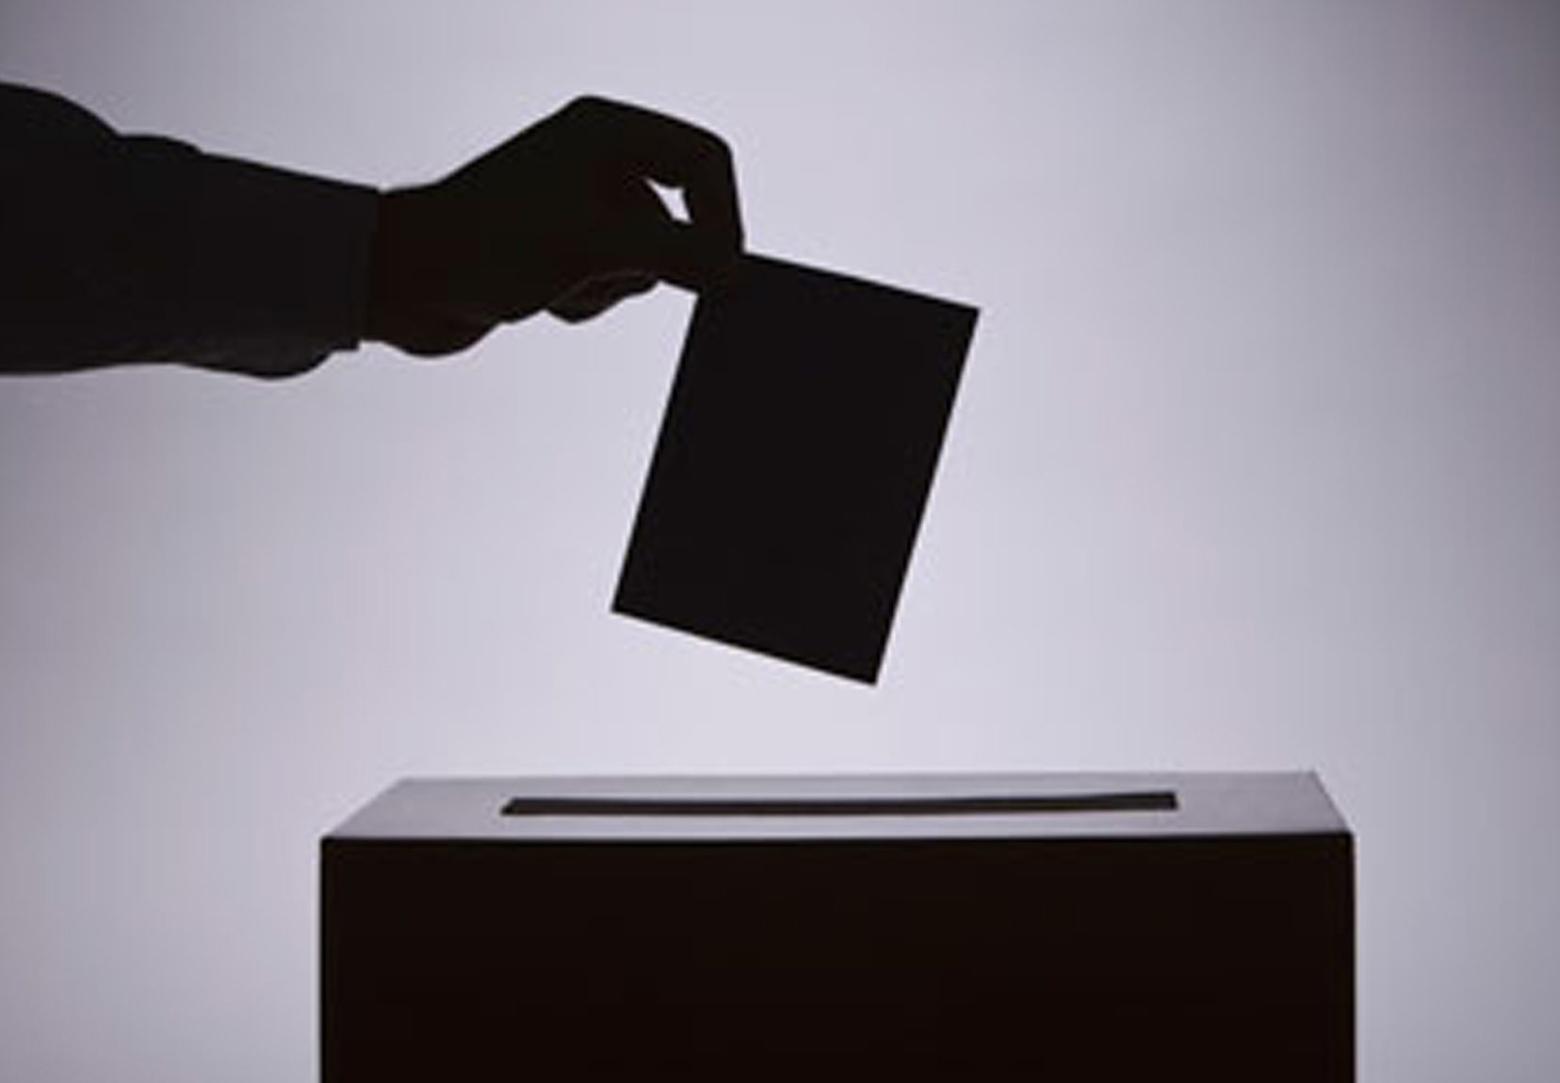 A hand placing a ballot in a ballot box